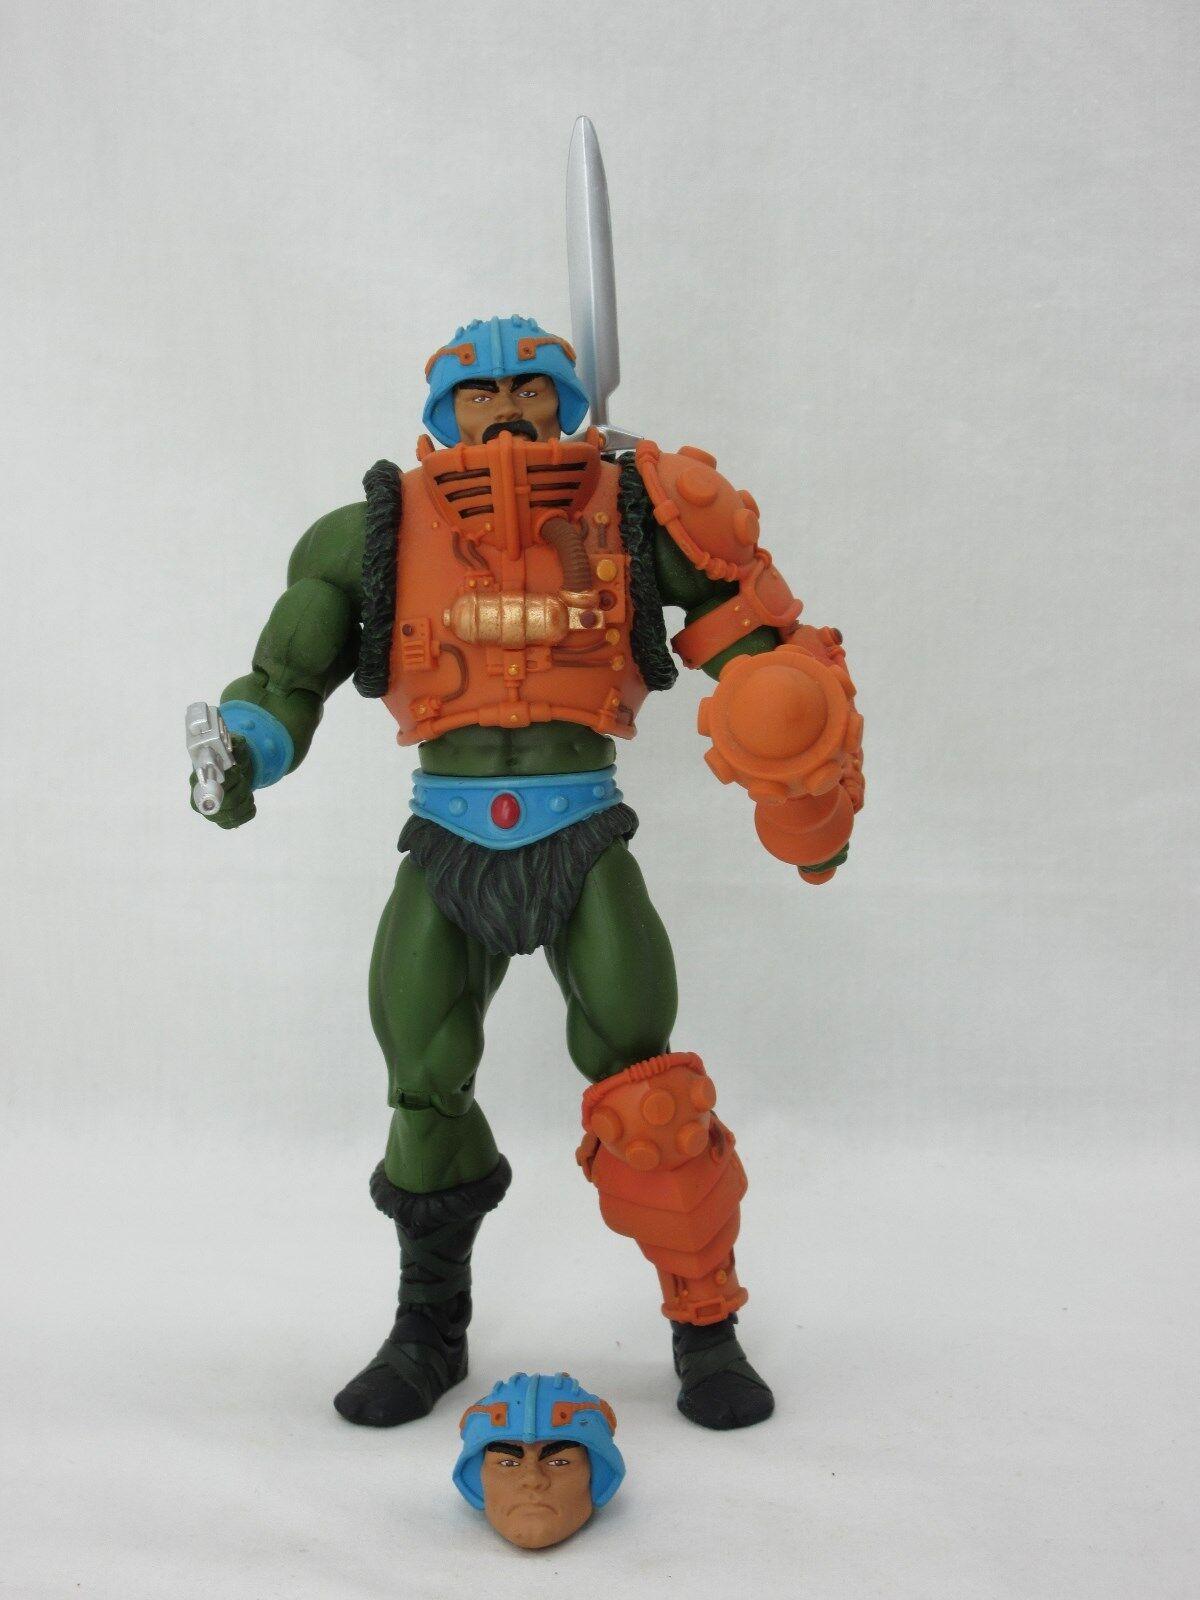 Motuc, motu, armati, personaggio, maestro dell'universo Classics, He-Man